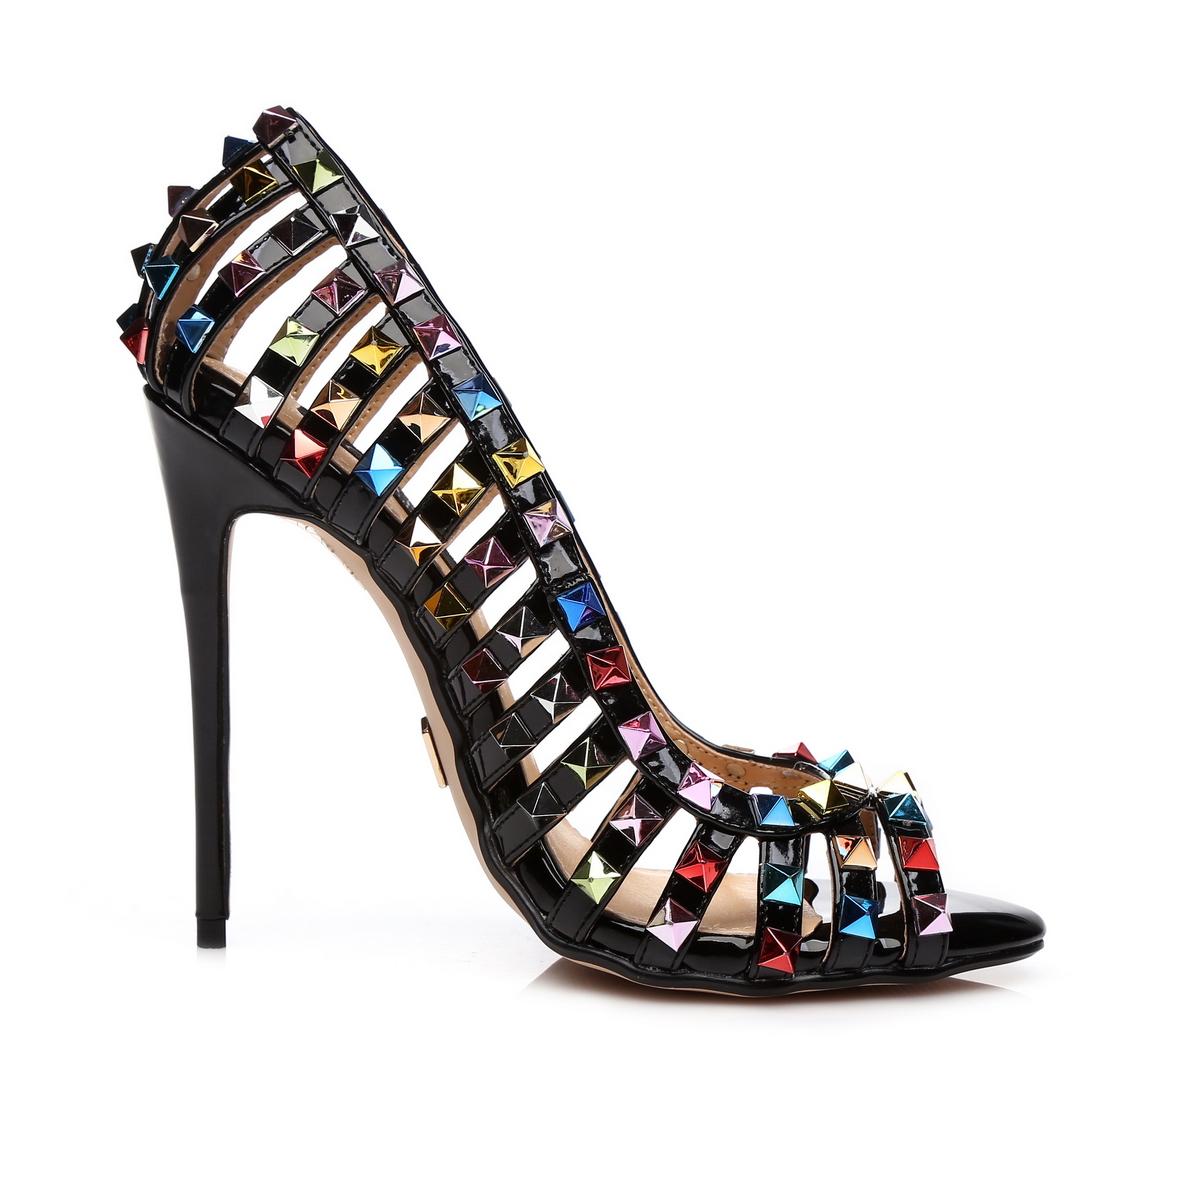 GIARO - Damen High Heel Pumps - Schwarz Schuhe in Übergrößen – Bild 4